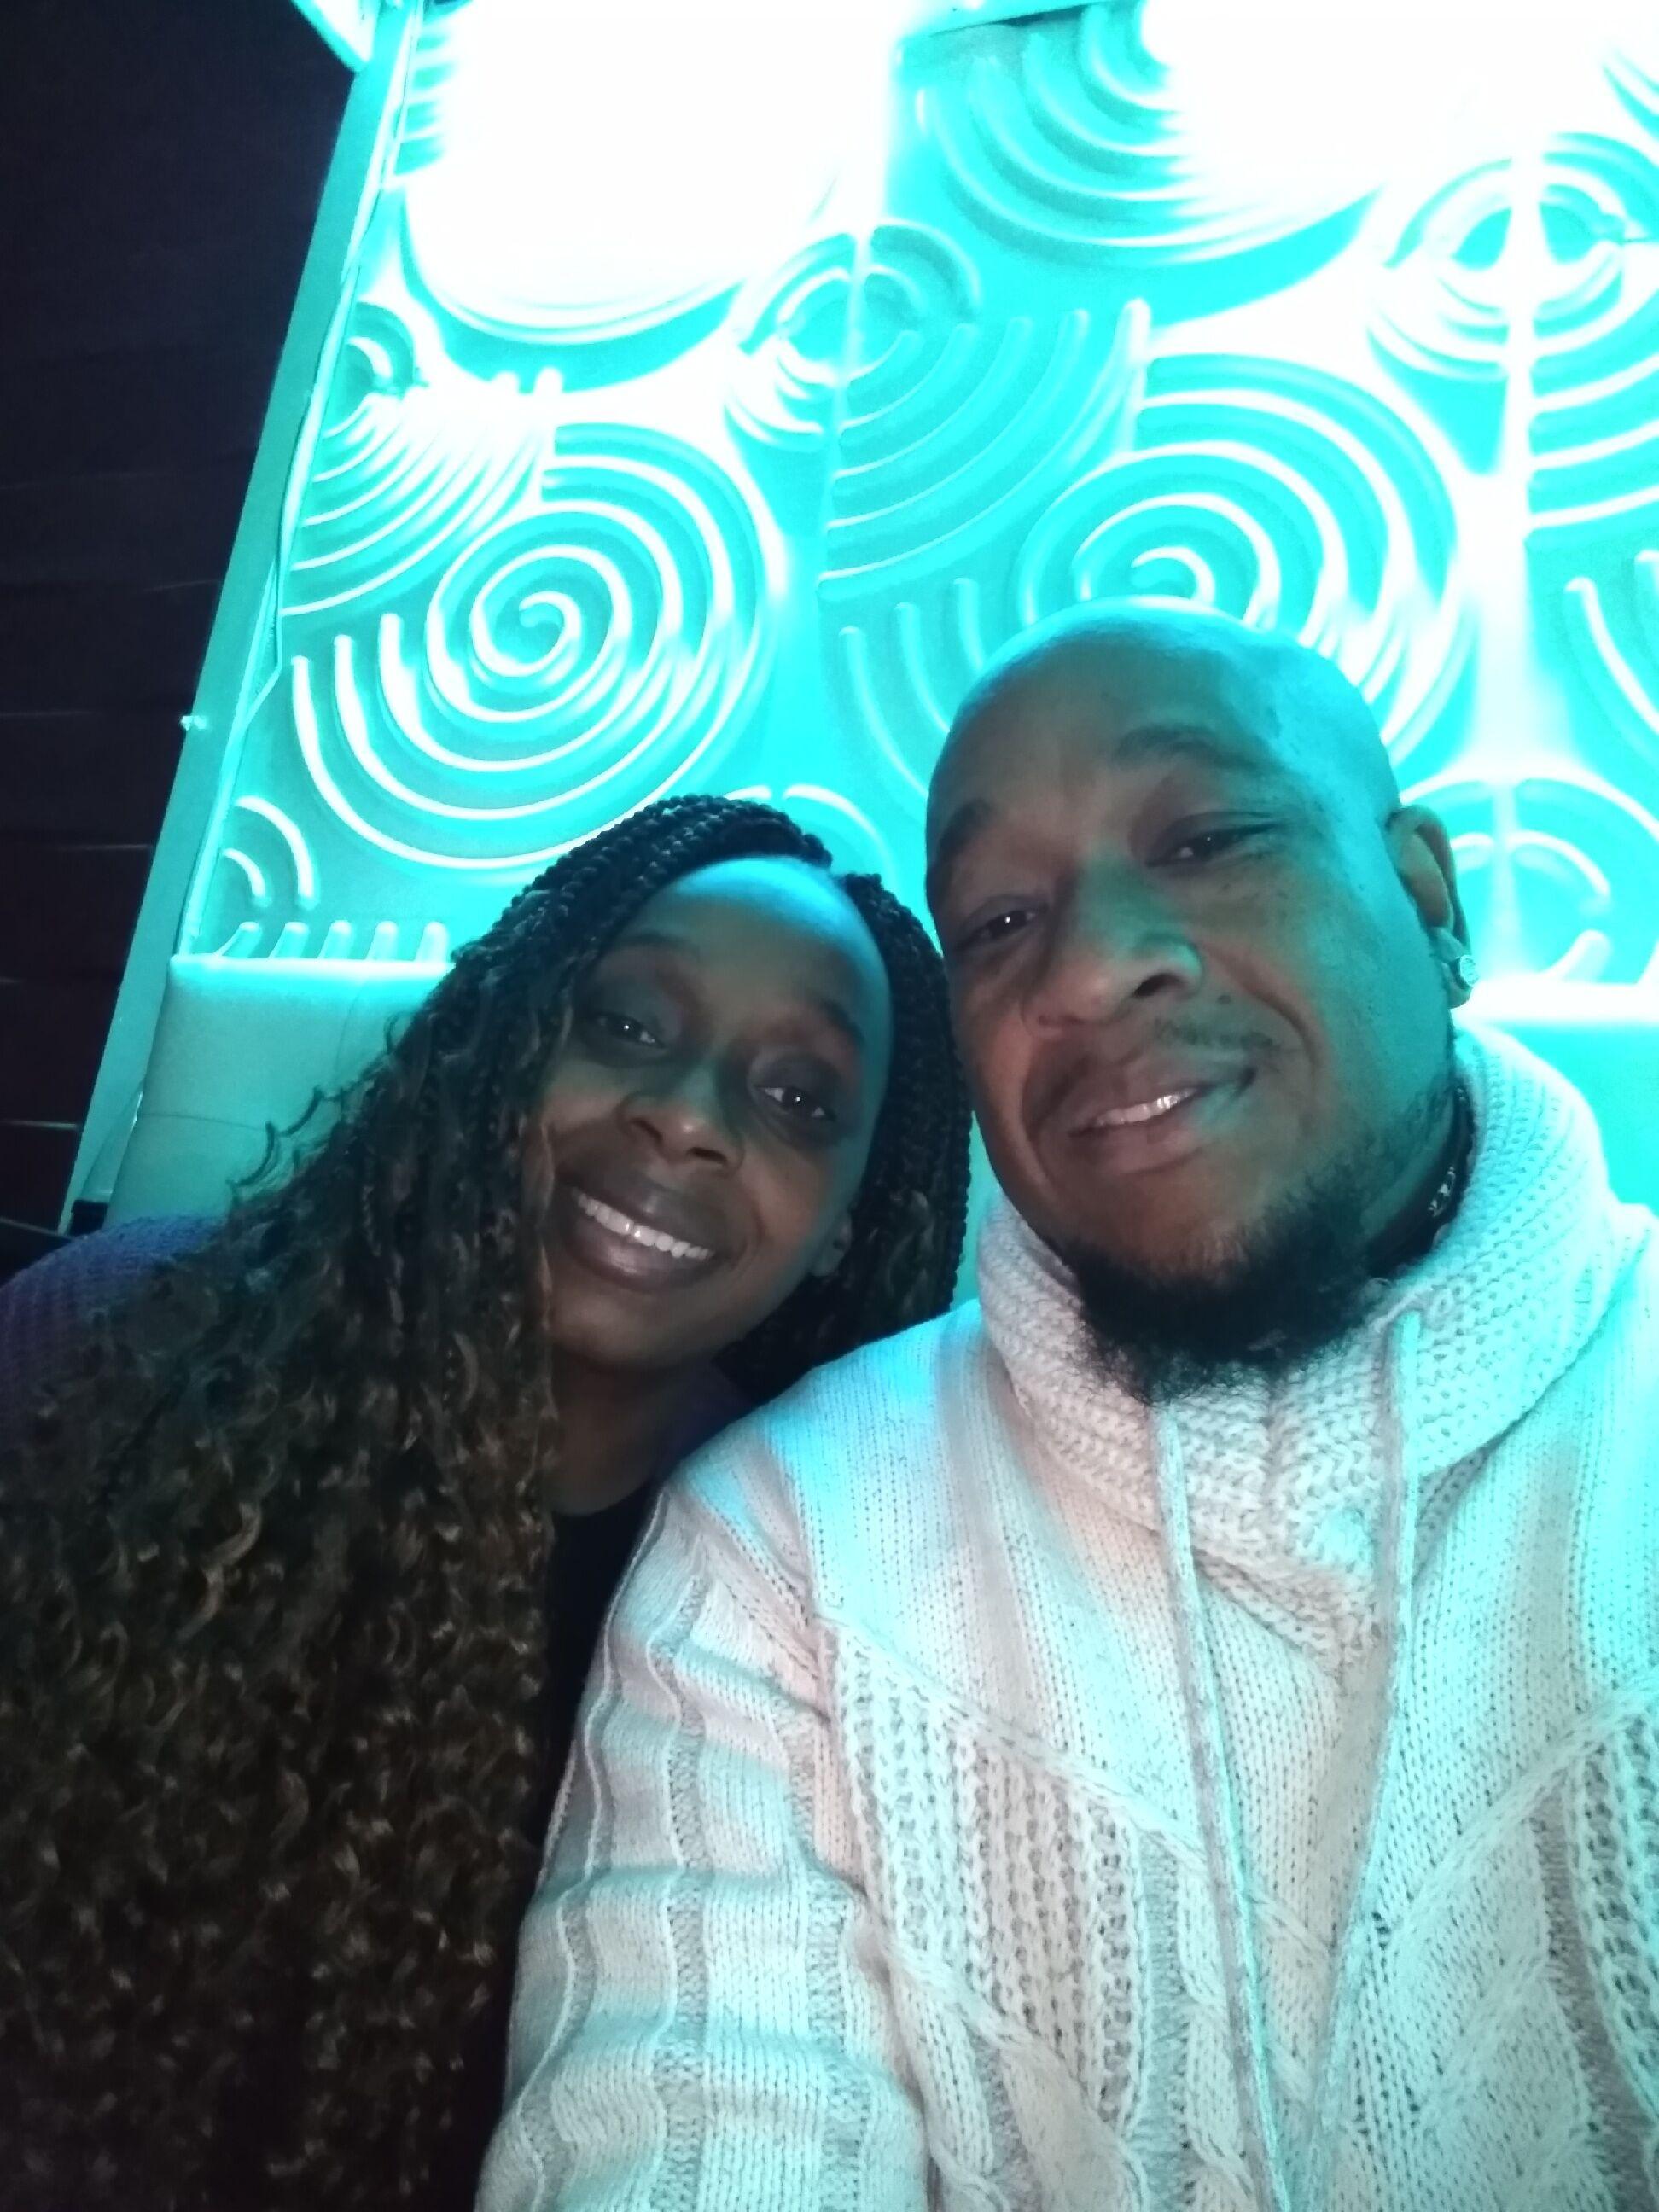 Image 1 of Tekiha and Curtis